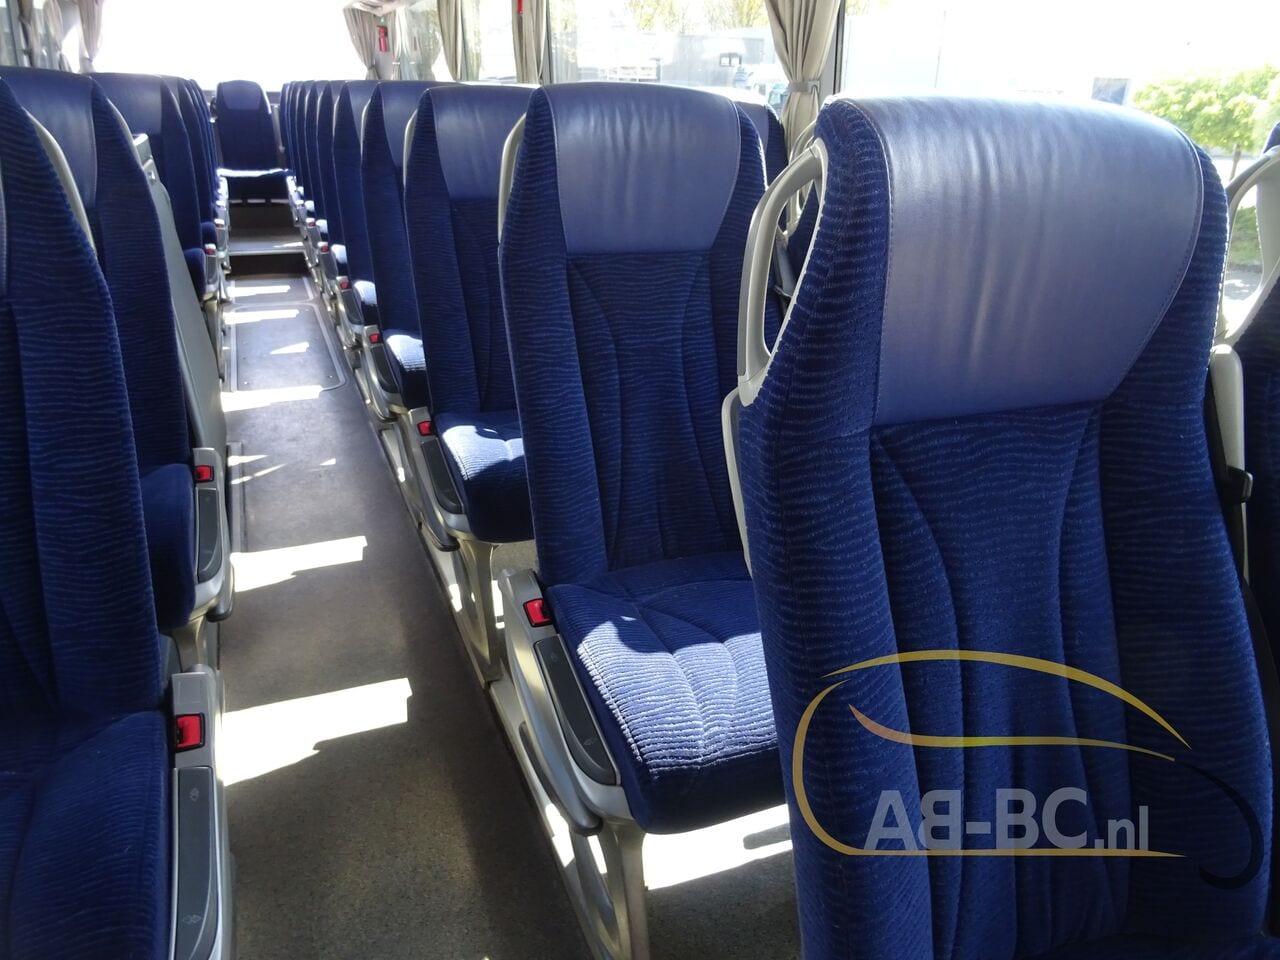 coach-busSETRA-S415-GT-HD-FINAL-EDITION-51-SEATS-LIFTBUS---1620382063270359930_big_b60d8e5668265cd6ba62ee8ccf8fdd9f--21050713010665719300